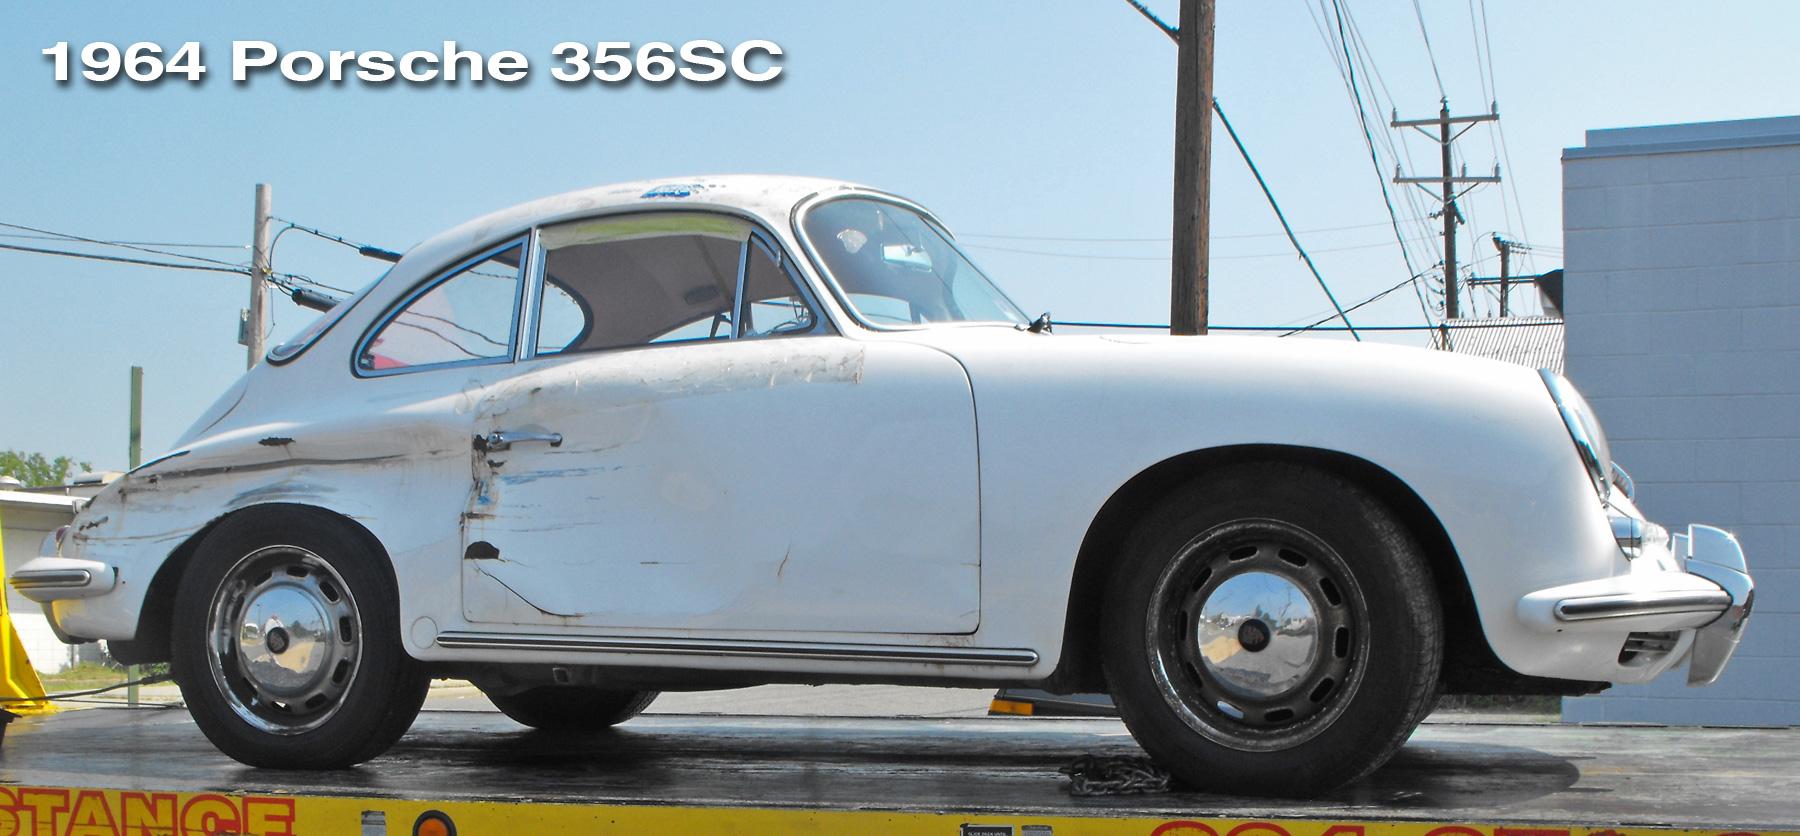 1964 Porsche 356SC header image